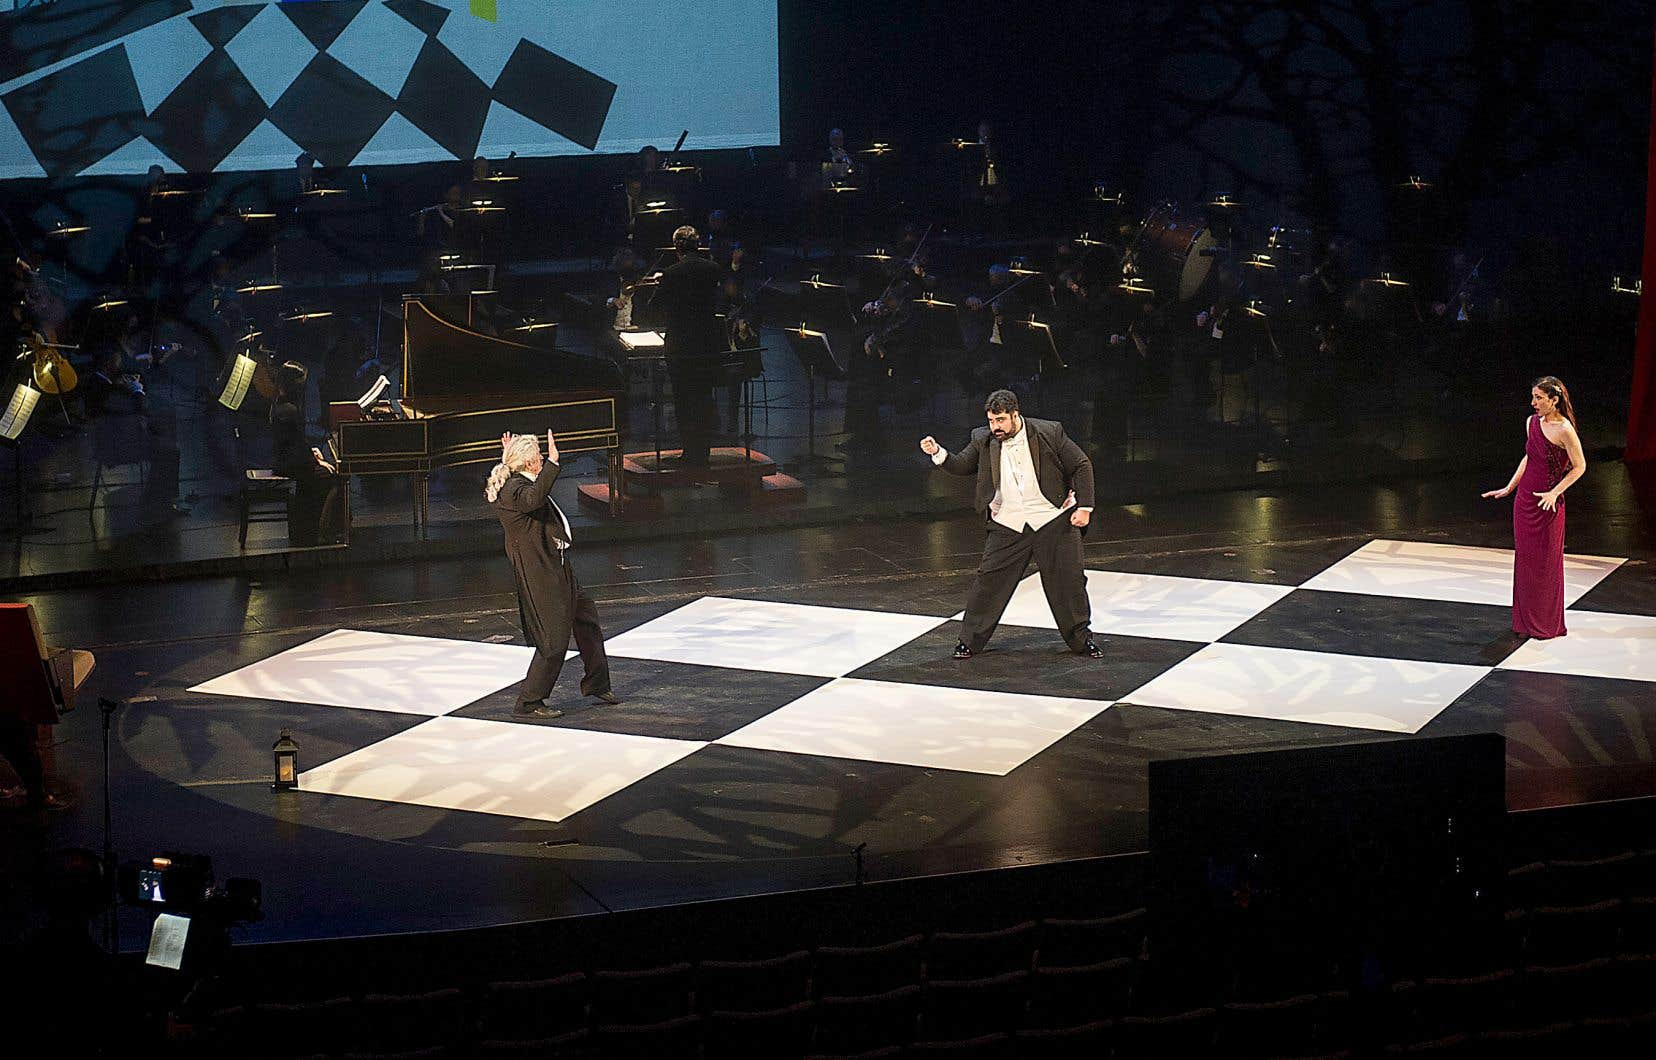 La captation visuelle et sonore du «Barbier de Séville» a été une réussite pour l'Opéra de Québec, qui devait composer avec des chanteurs à l'avant-scène et un orchestre tout au fond.